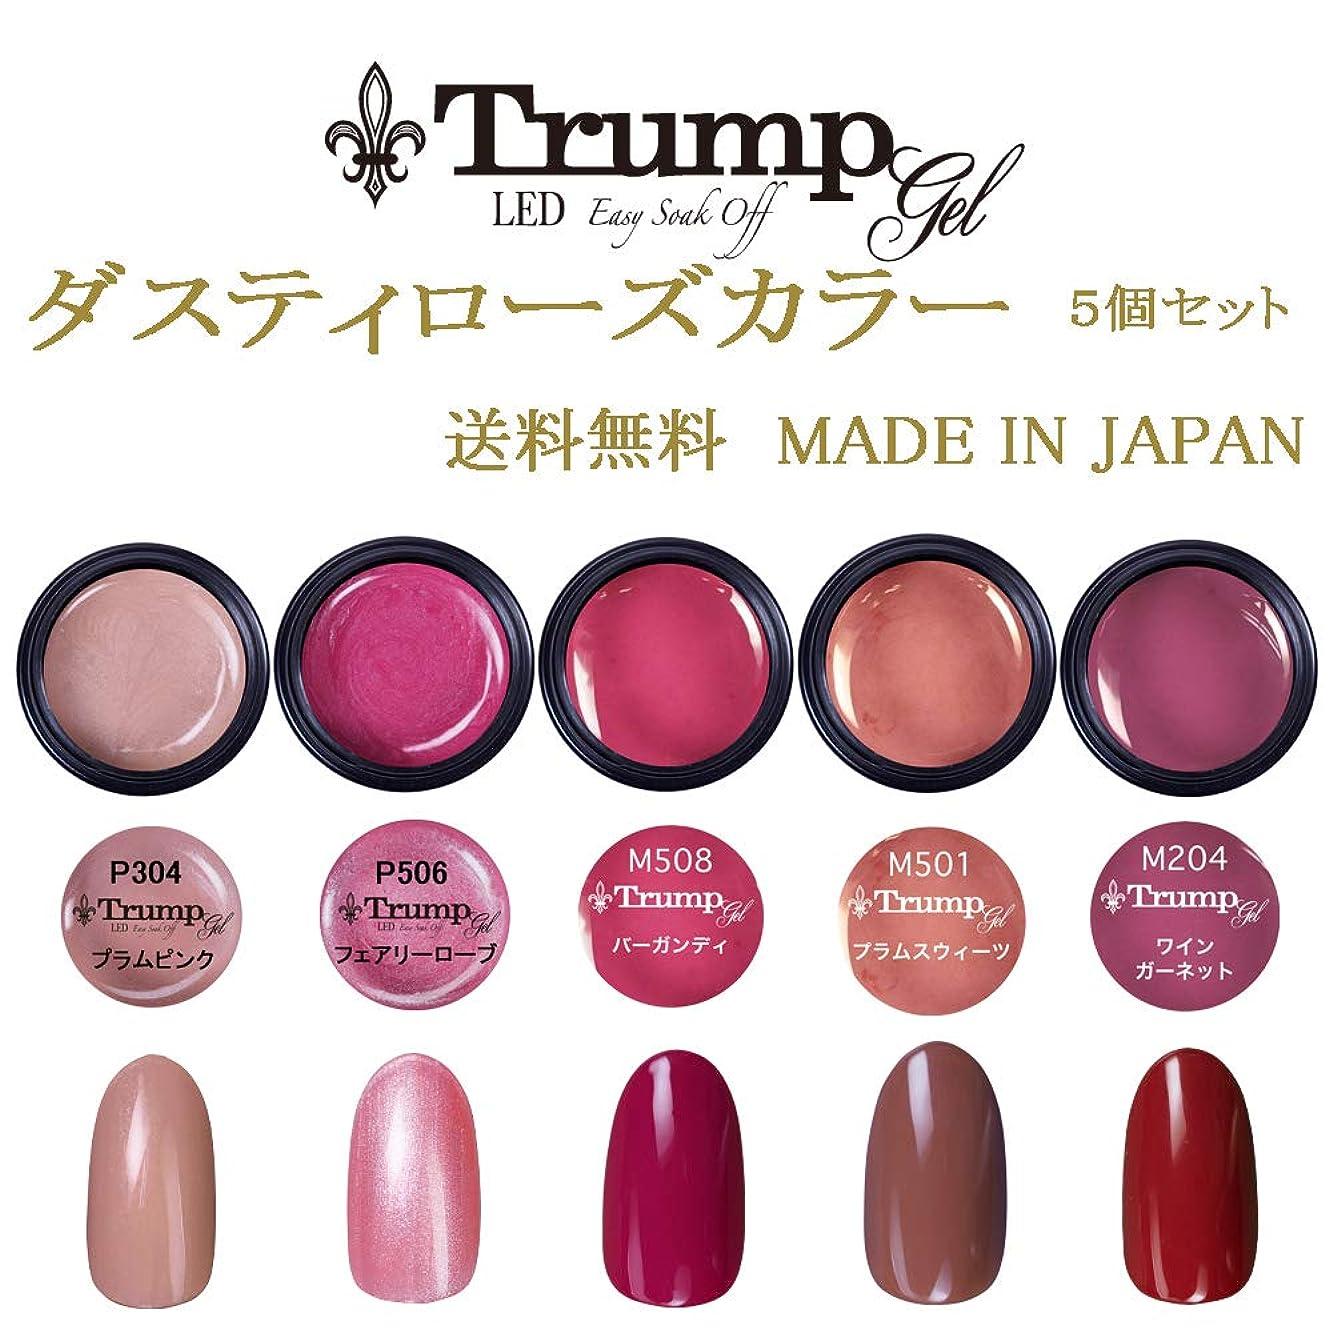 かなり悪名高い深く【送料無料】日本製 Trump gel トランプジェル ダスティローズカラージェル 5個セット スタイリッシュでオシャレな 白べっ甲カラージェルセット